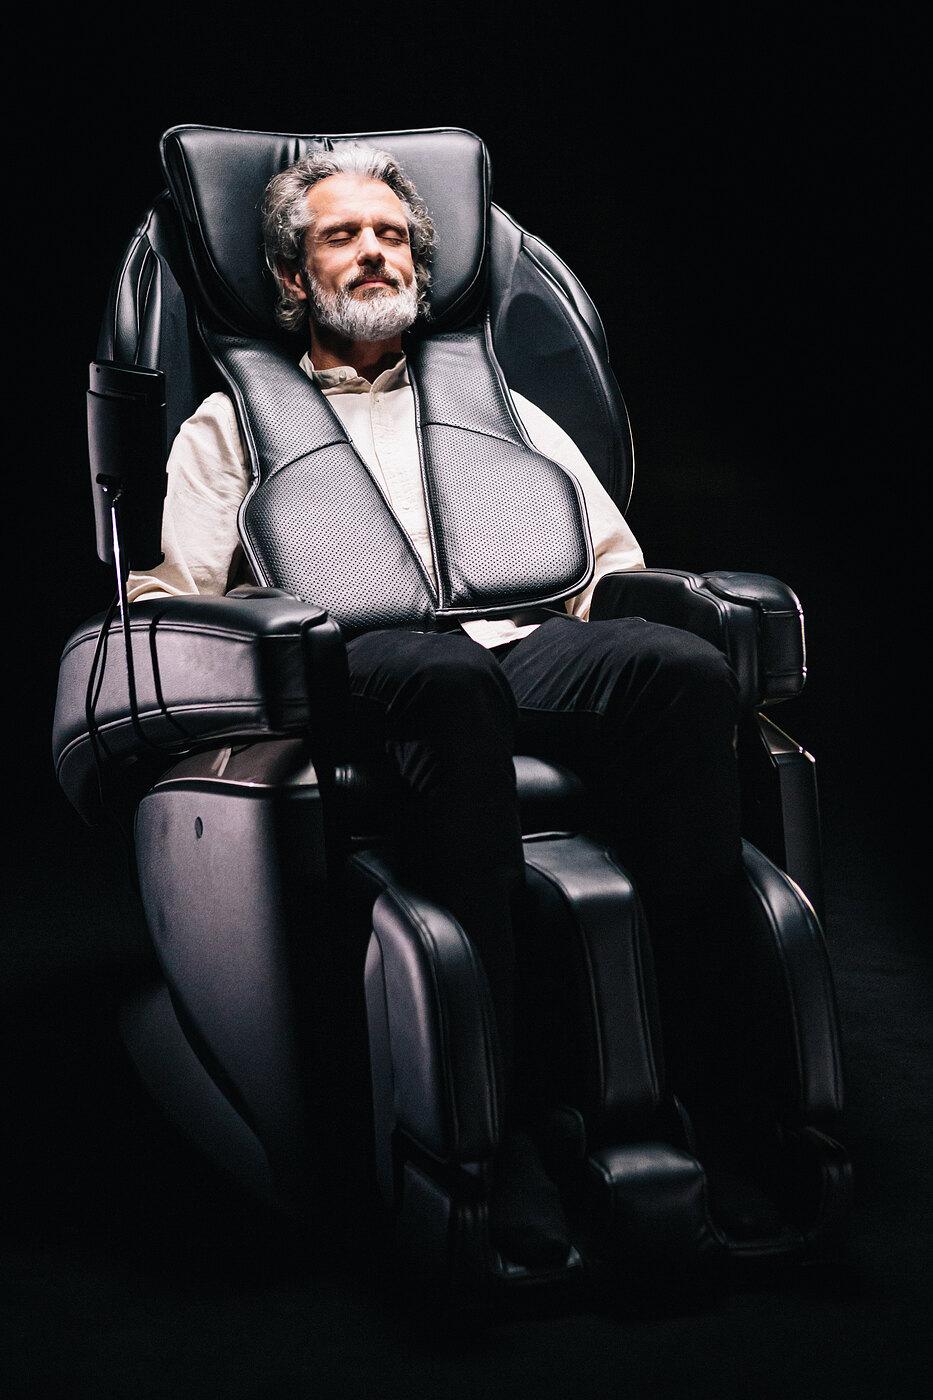 Ogrzewanie brzucha w fotelu masującym